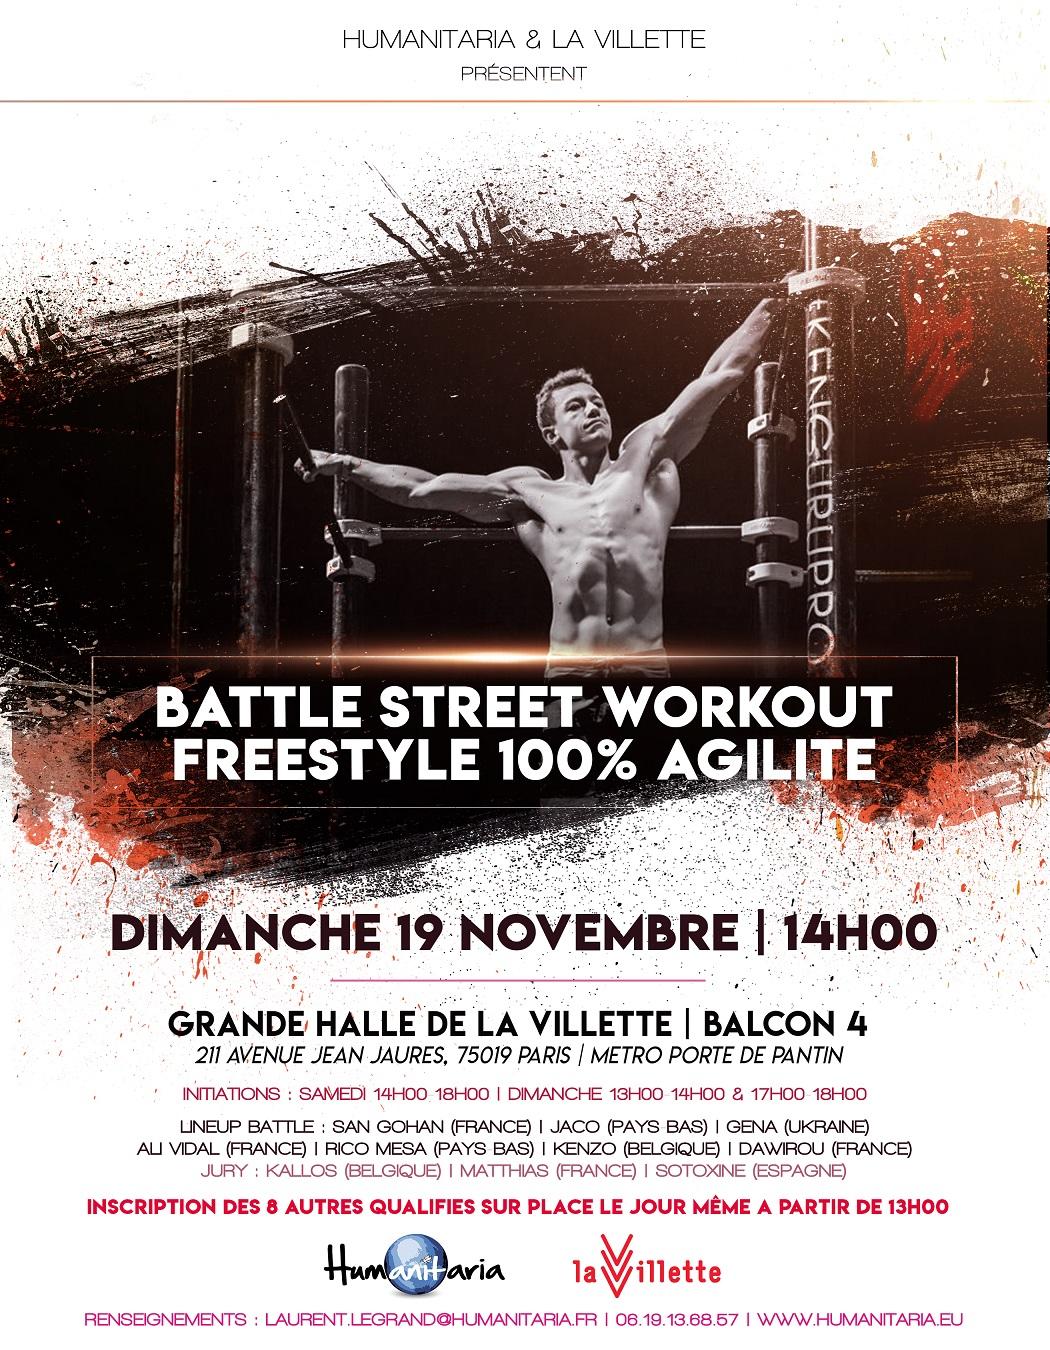 Humanitaria programmée au Freestyle 2017 de La Villette !